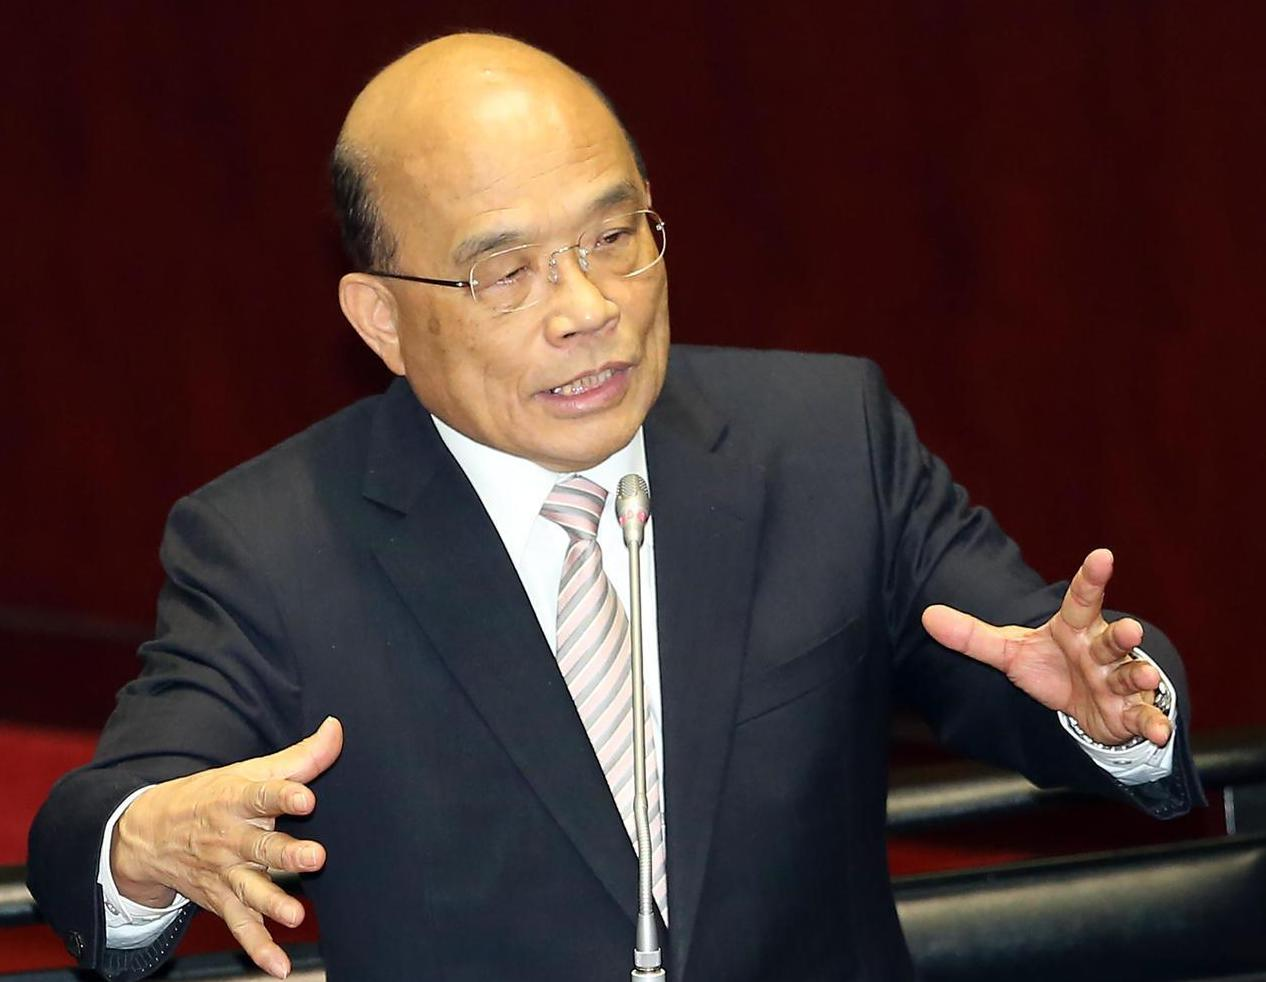 行政院長蘇貞昌昨天上午在立法院答詢時,表示對司法改革不滿意。記者曾吉松/攝影